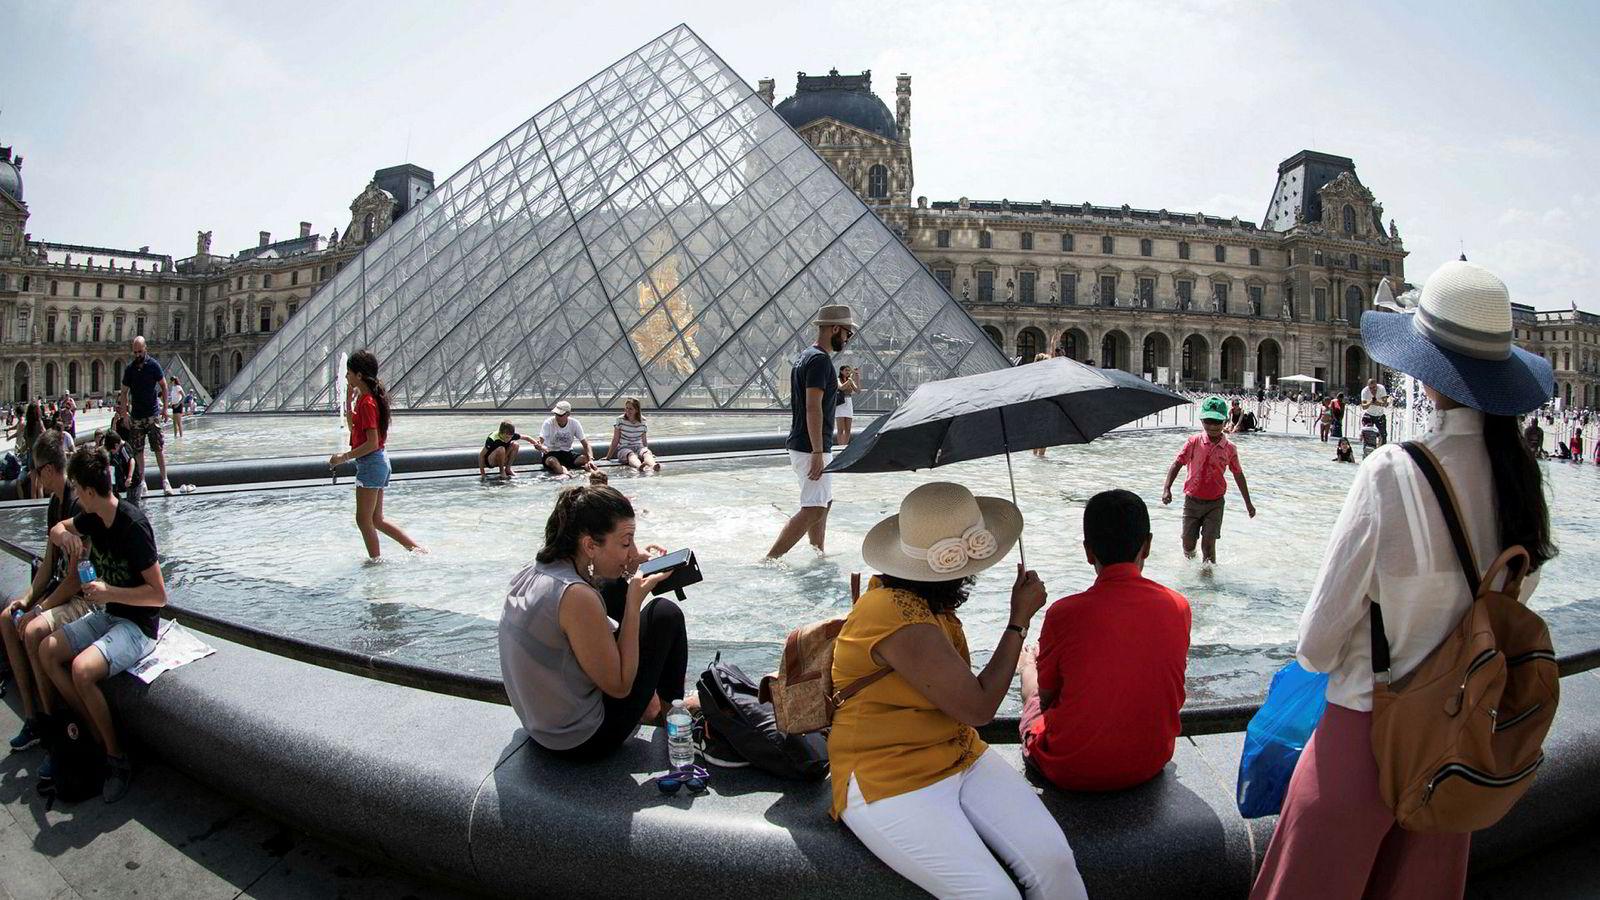 Frankrike har målt de høyeste temperaturene siden 2003. Her avkjøler turister seg ved en fontene utenfor Louvre i Paris tirsdag.